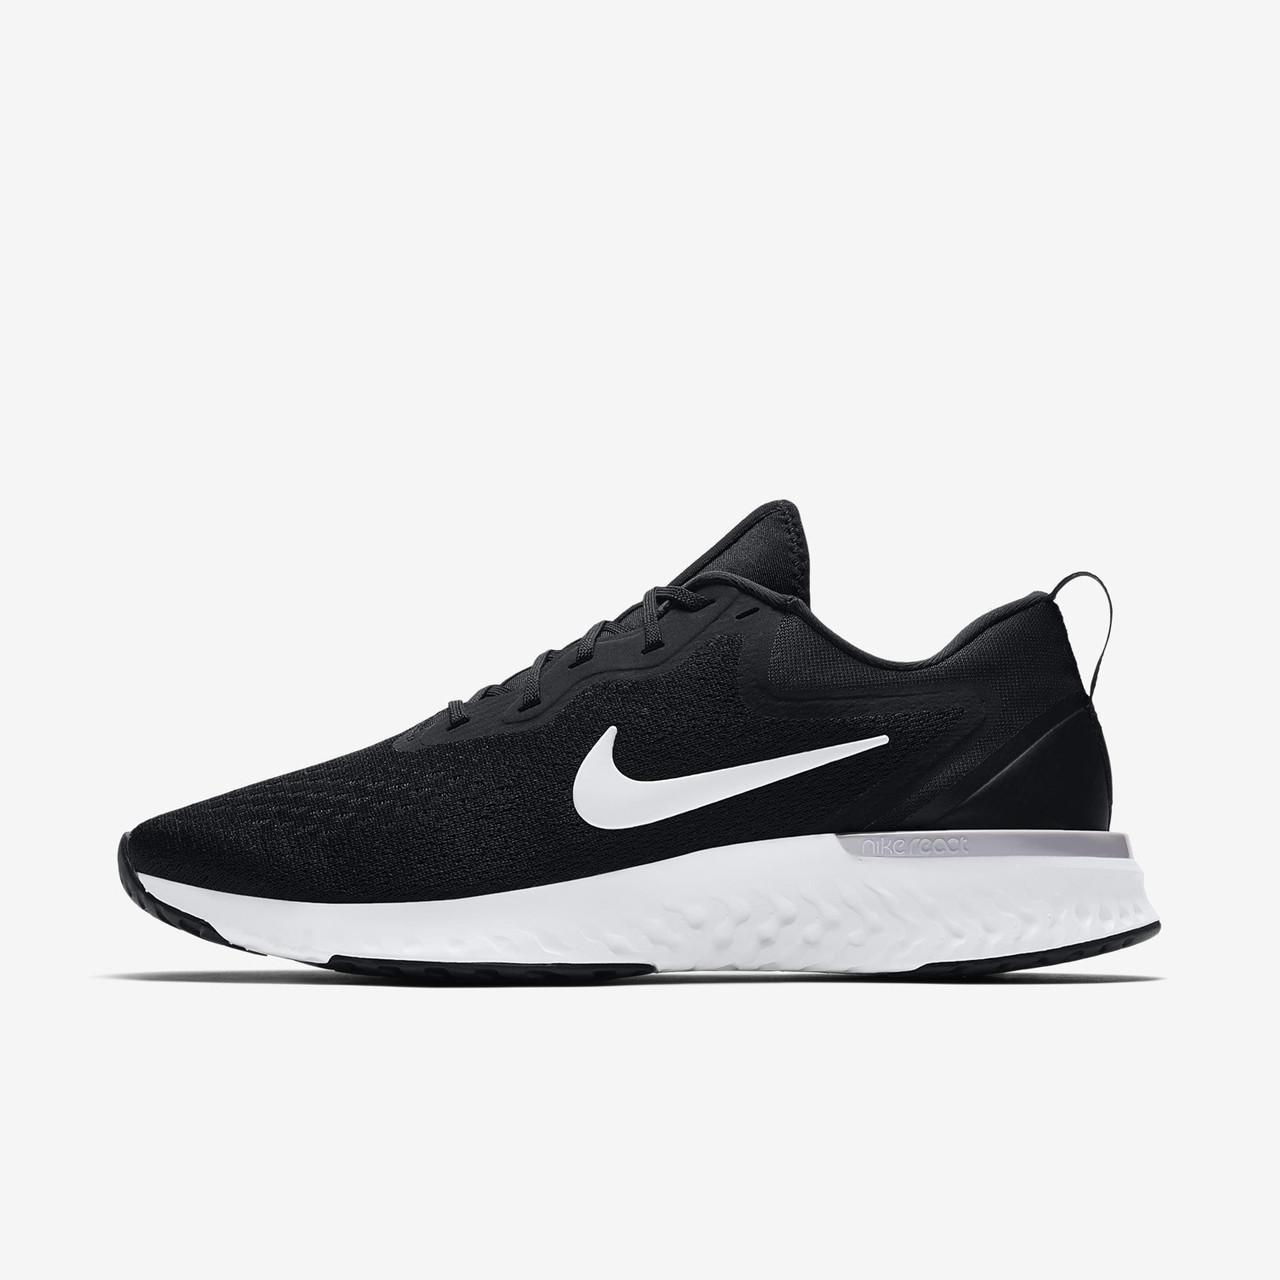 263b37656aef Оригинальные кроссовки Nike Odyssey React - Sport-Sneakers - Оригинальные  кроссовки - Sneakerhead UA в